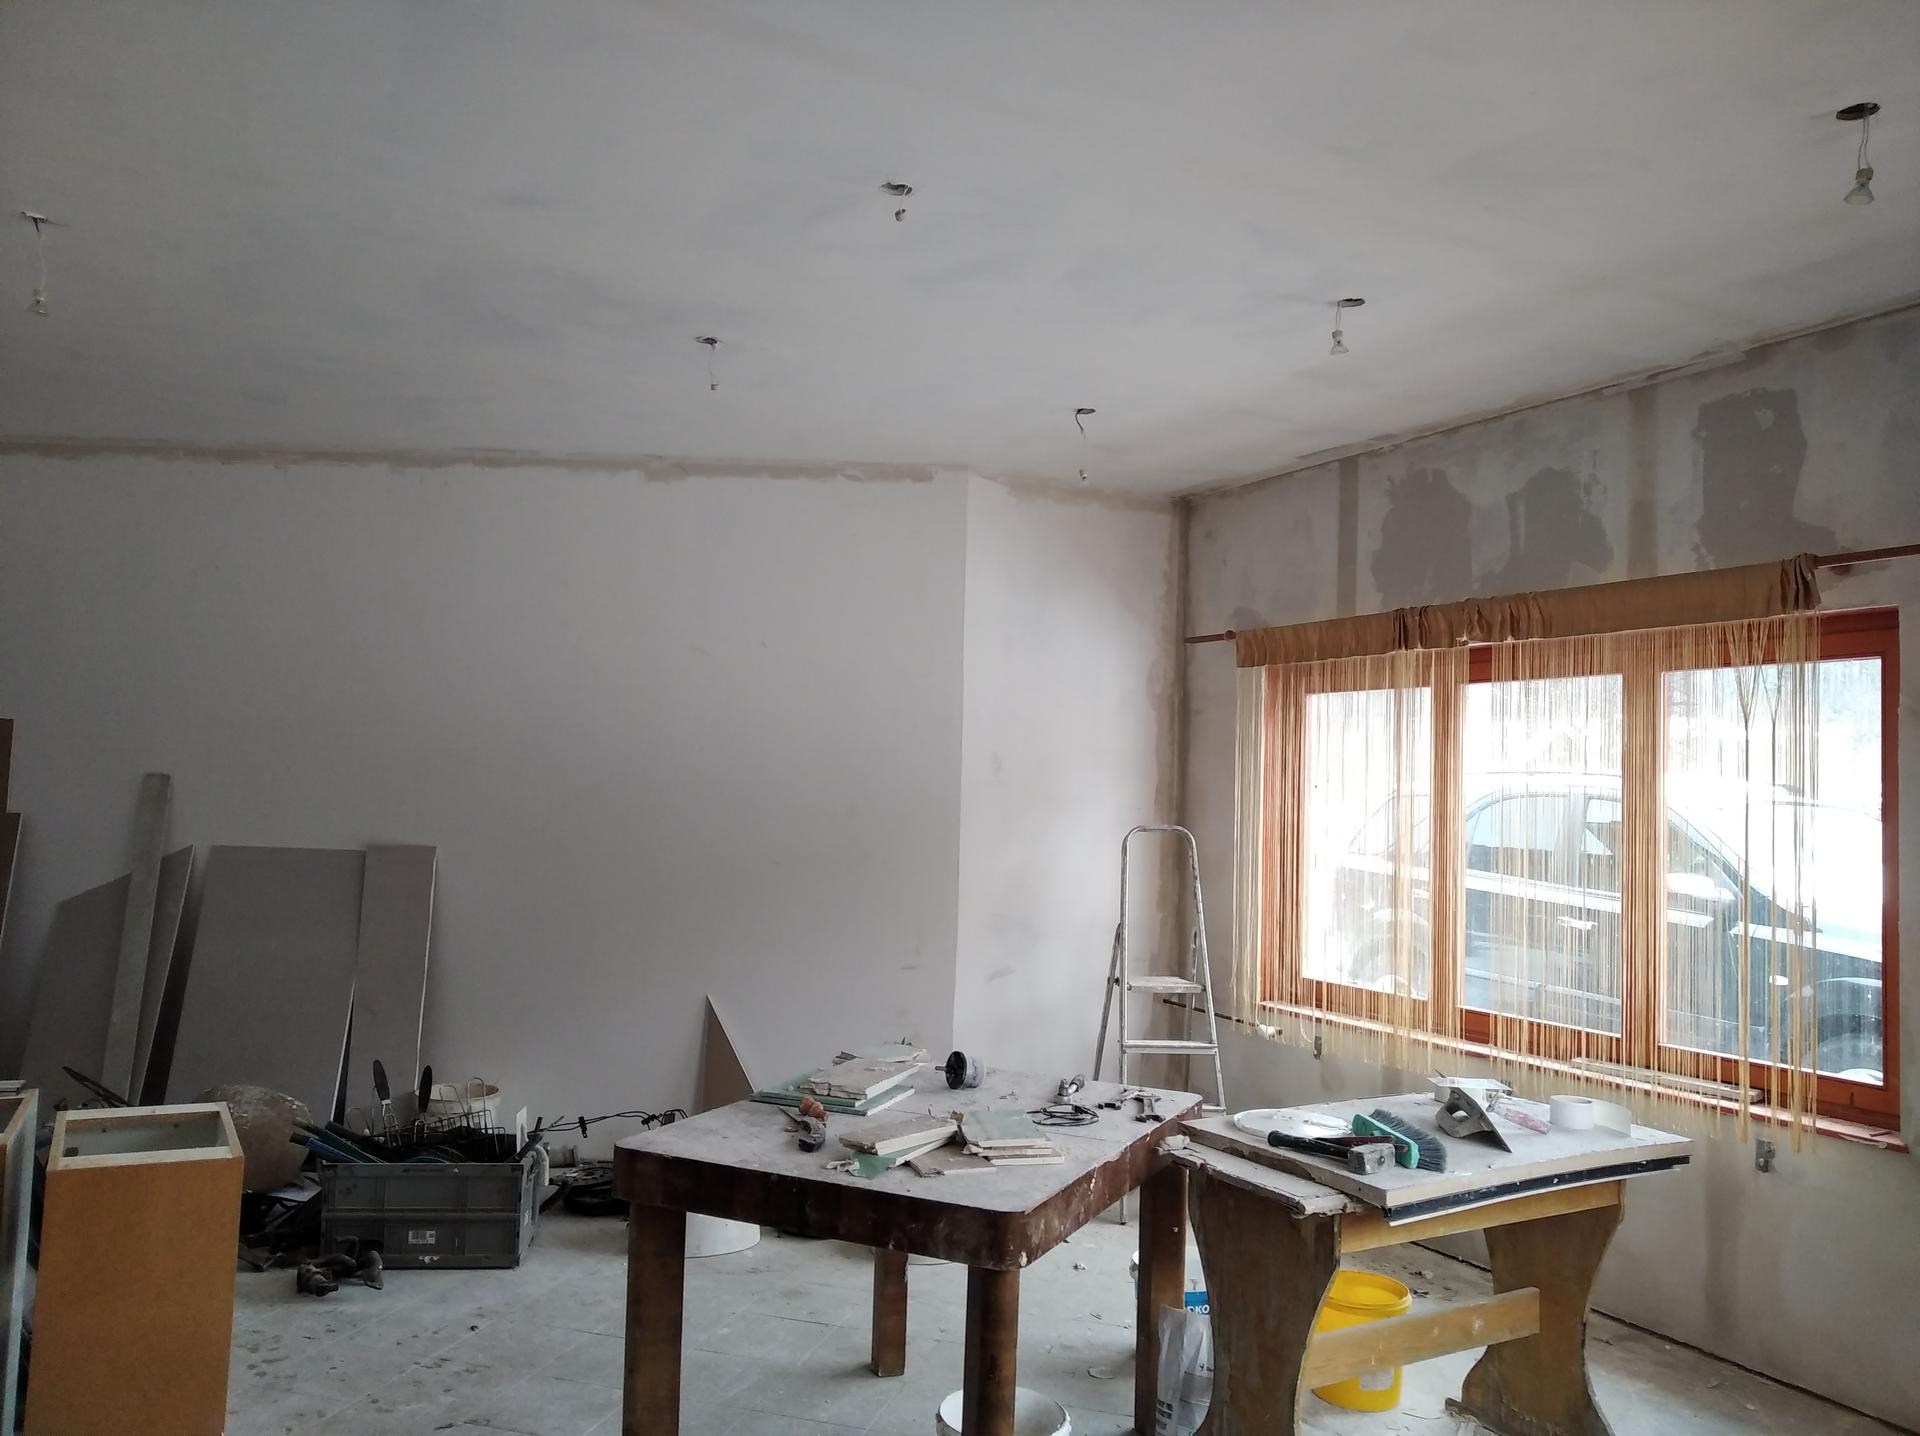 Přestavba hospůdky na bydlení - Obrázek č. 58